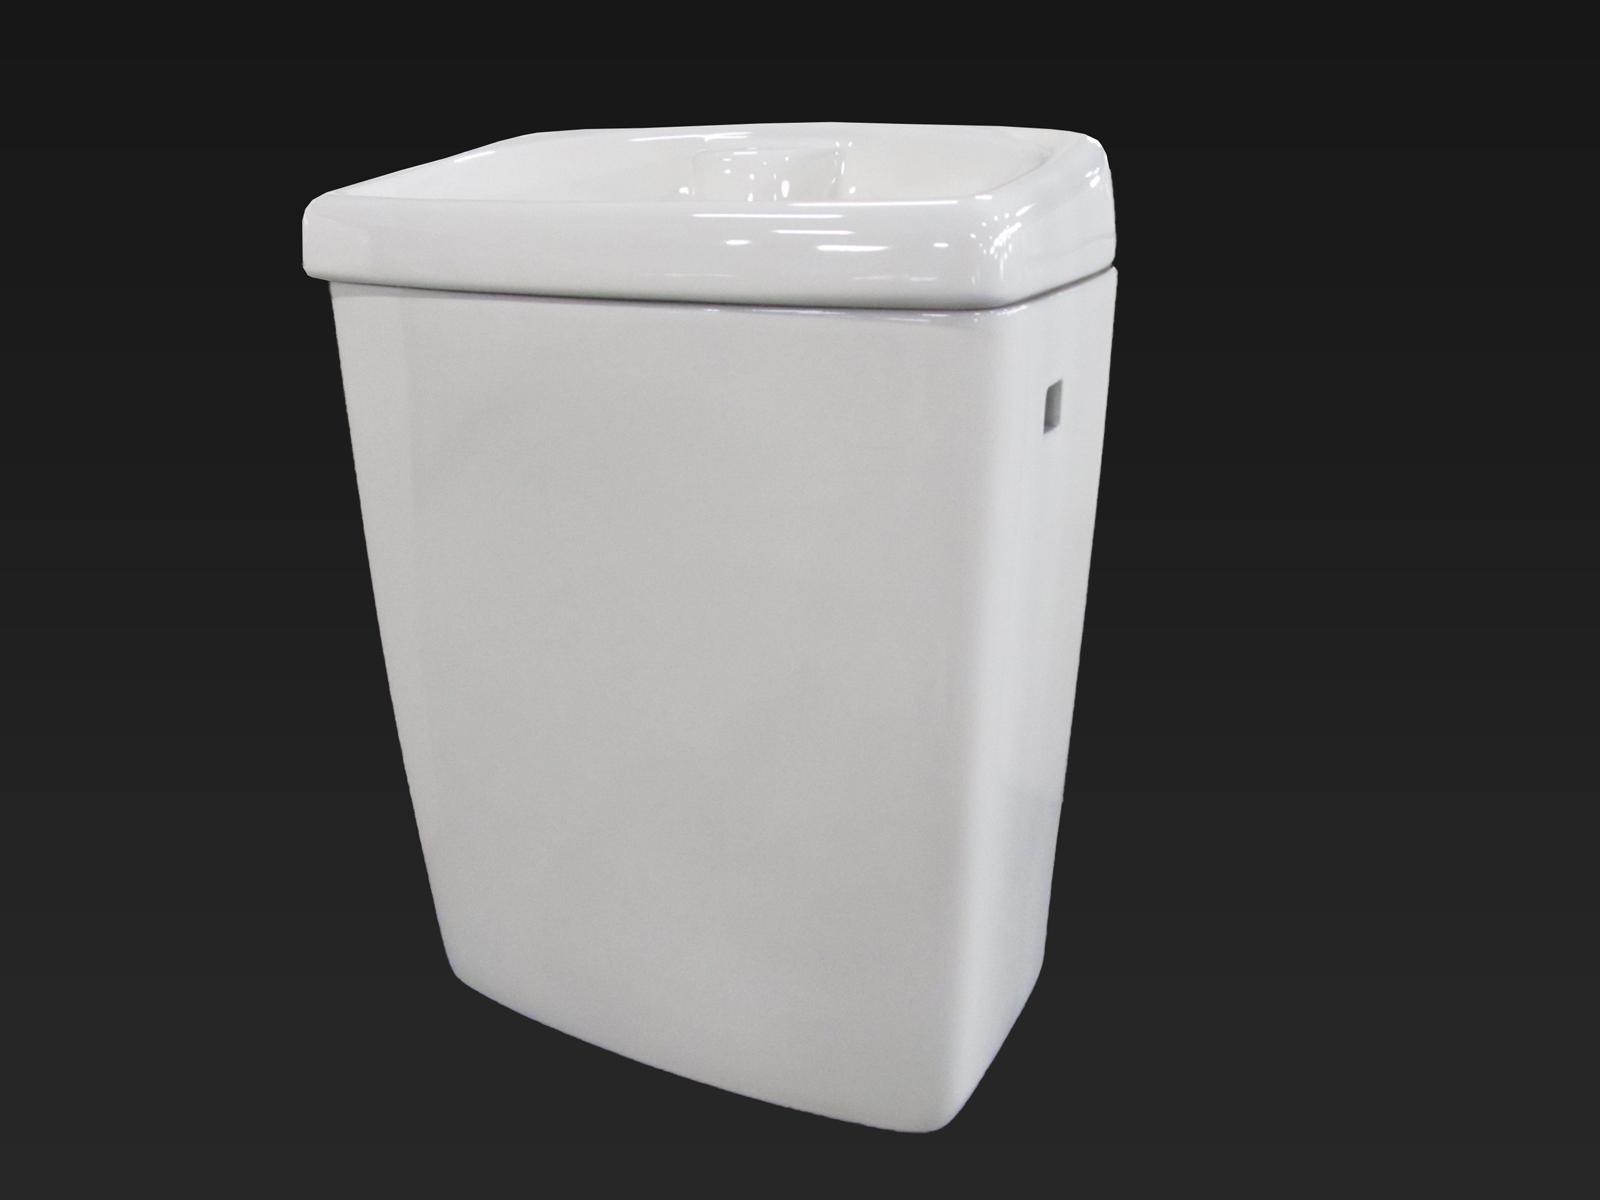 アサヒ衛陶 本体 手洗付ふたセット T3388XLI トイレ エディ768 エディ766 エディ566 3シリーズ用 部品